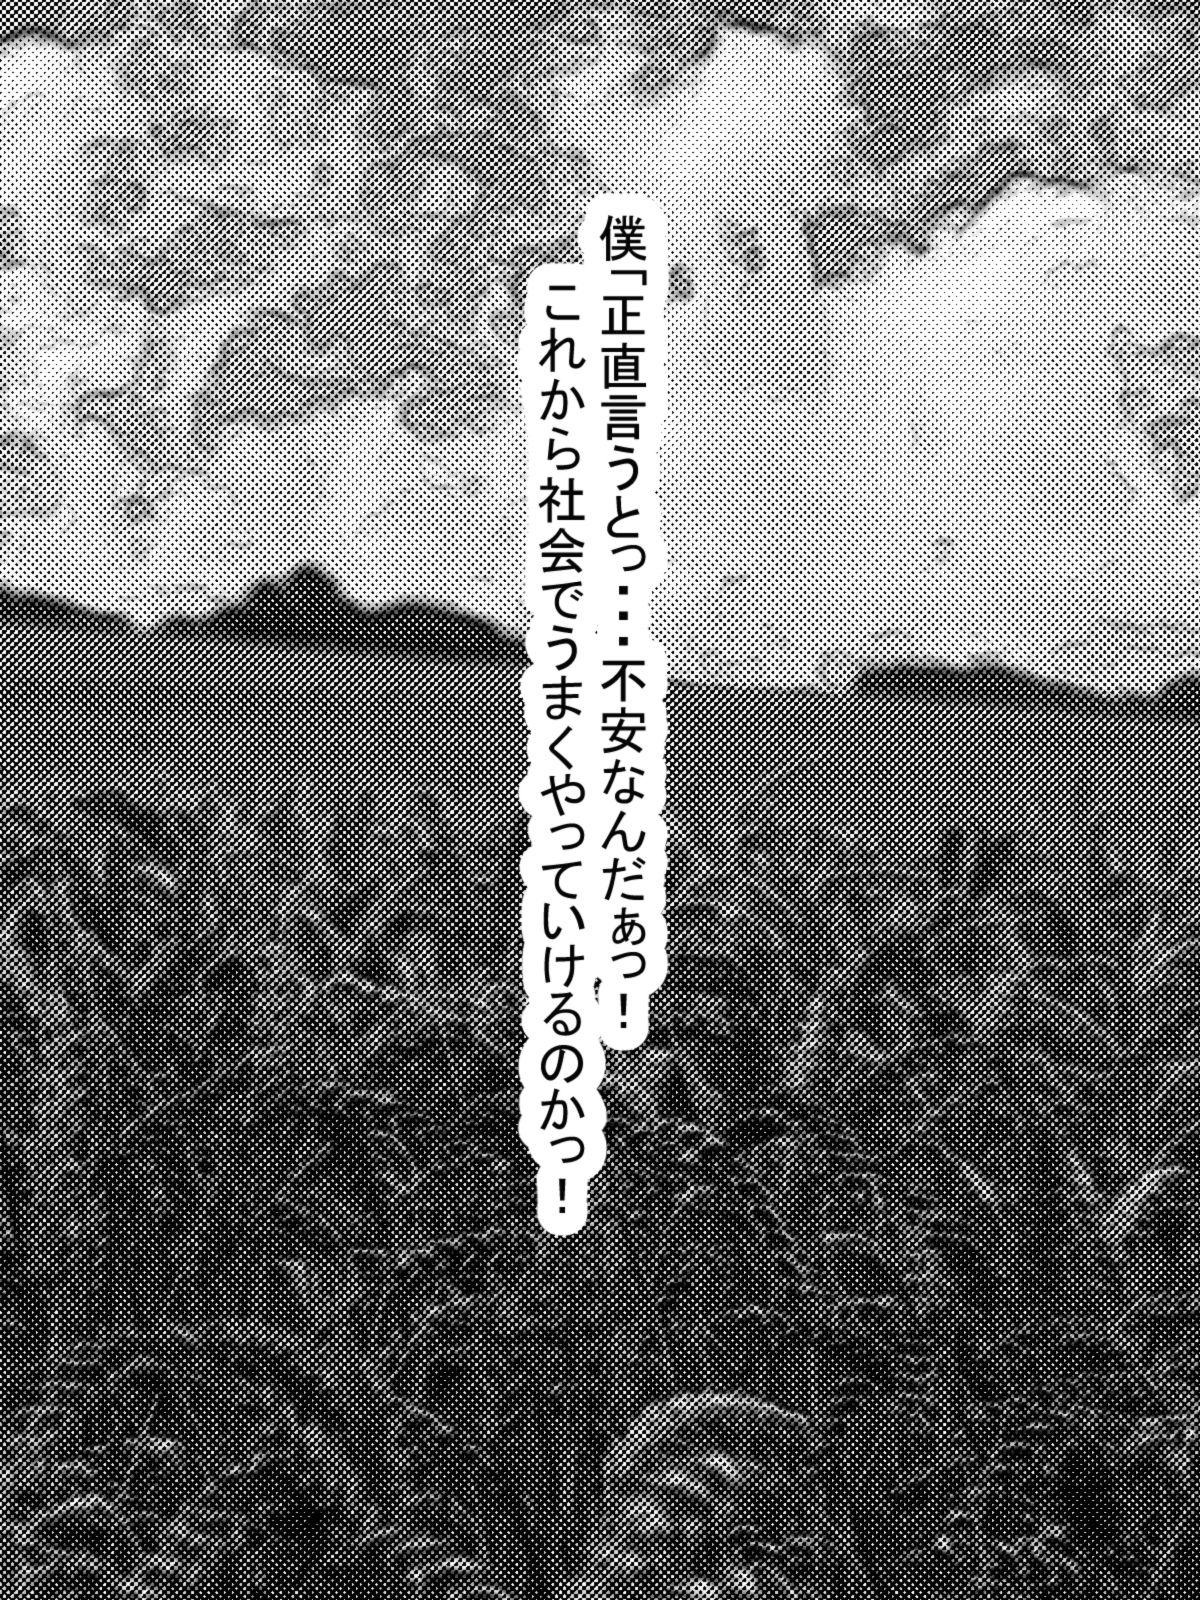 Hasshaku-sama to Boku no Paizuri Memories 82